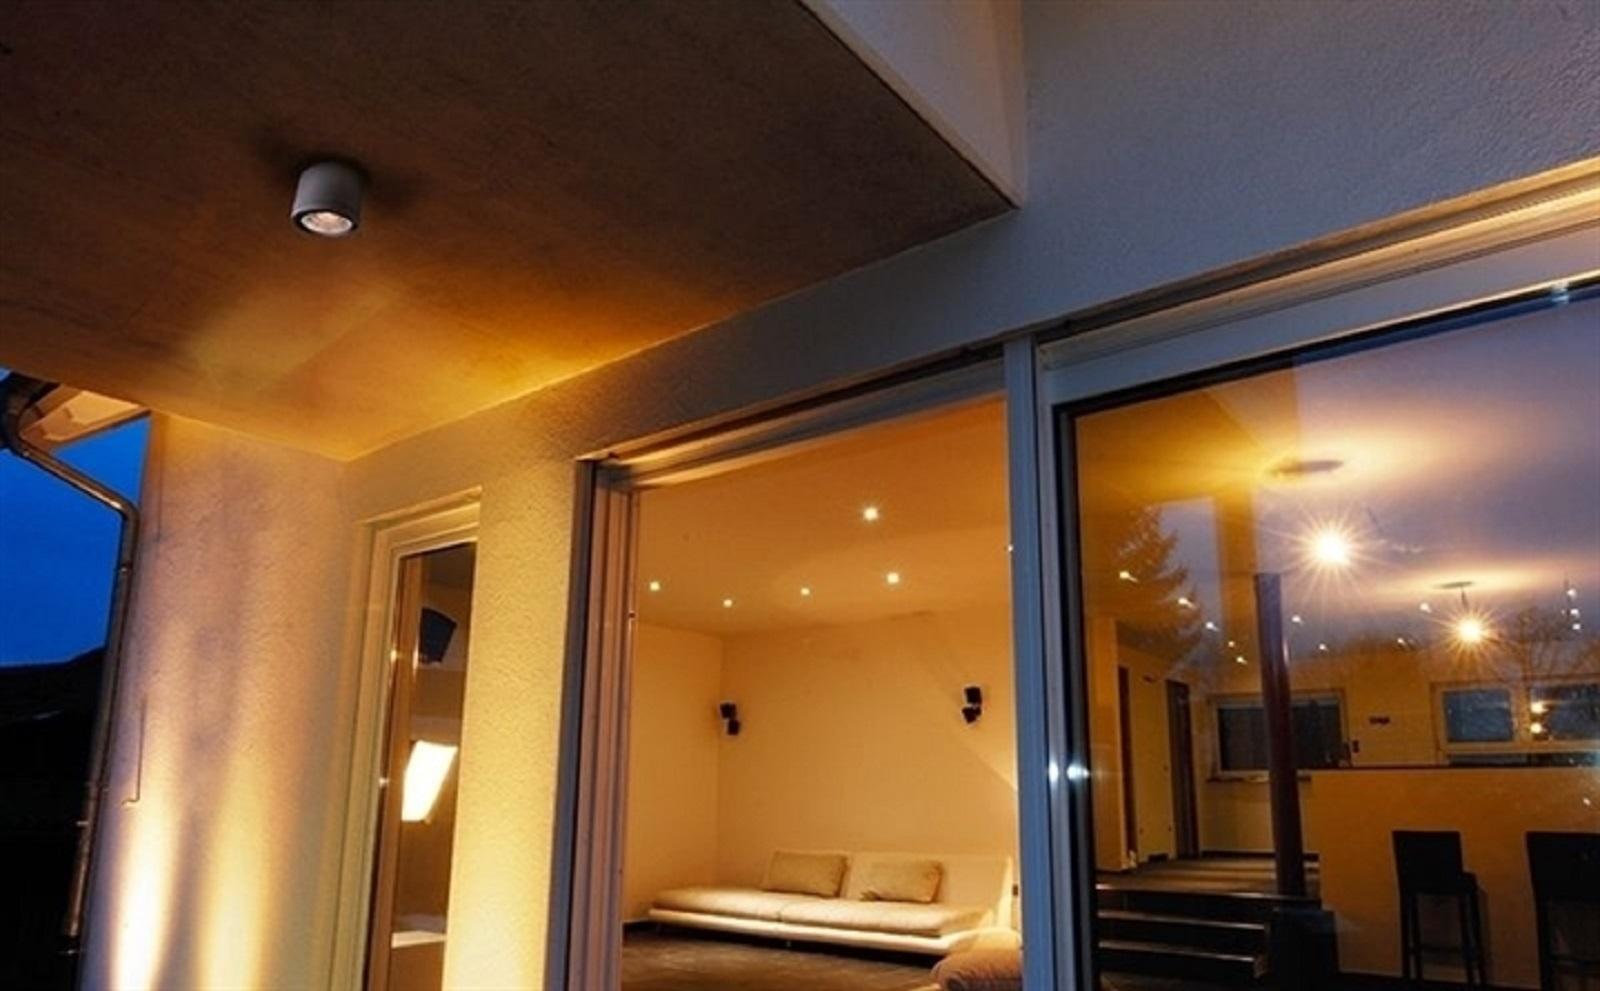 Plafoniere Con Spot : Lampade faretti a soffitto prova sito cilindro con